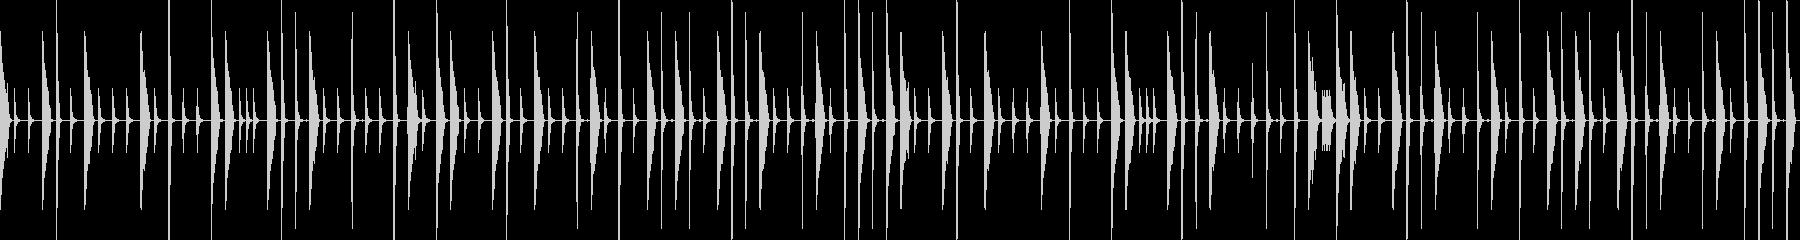 ドラムだけ欲しい場面でお使いくださいの未再生の波形